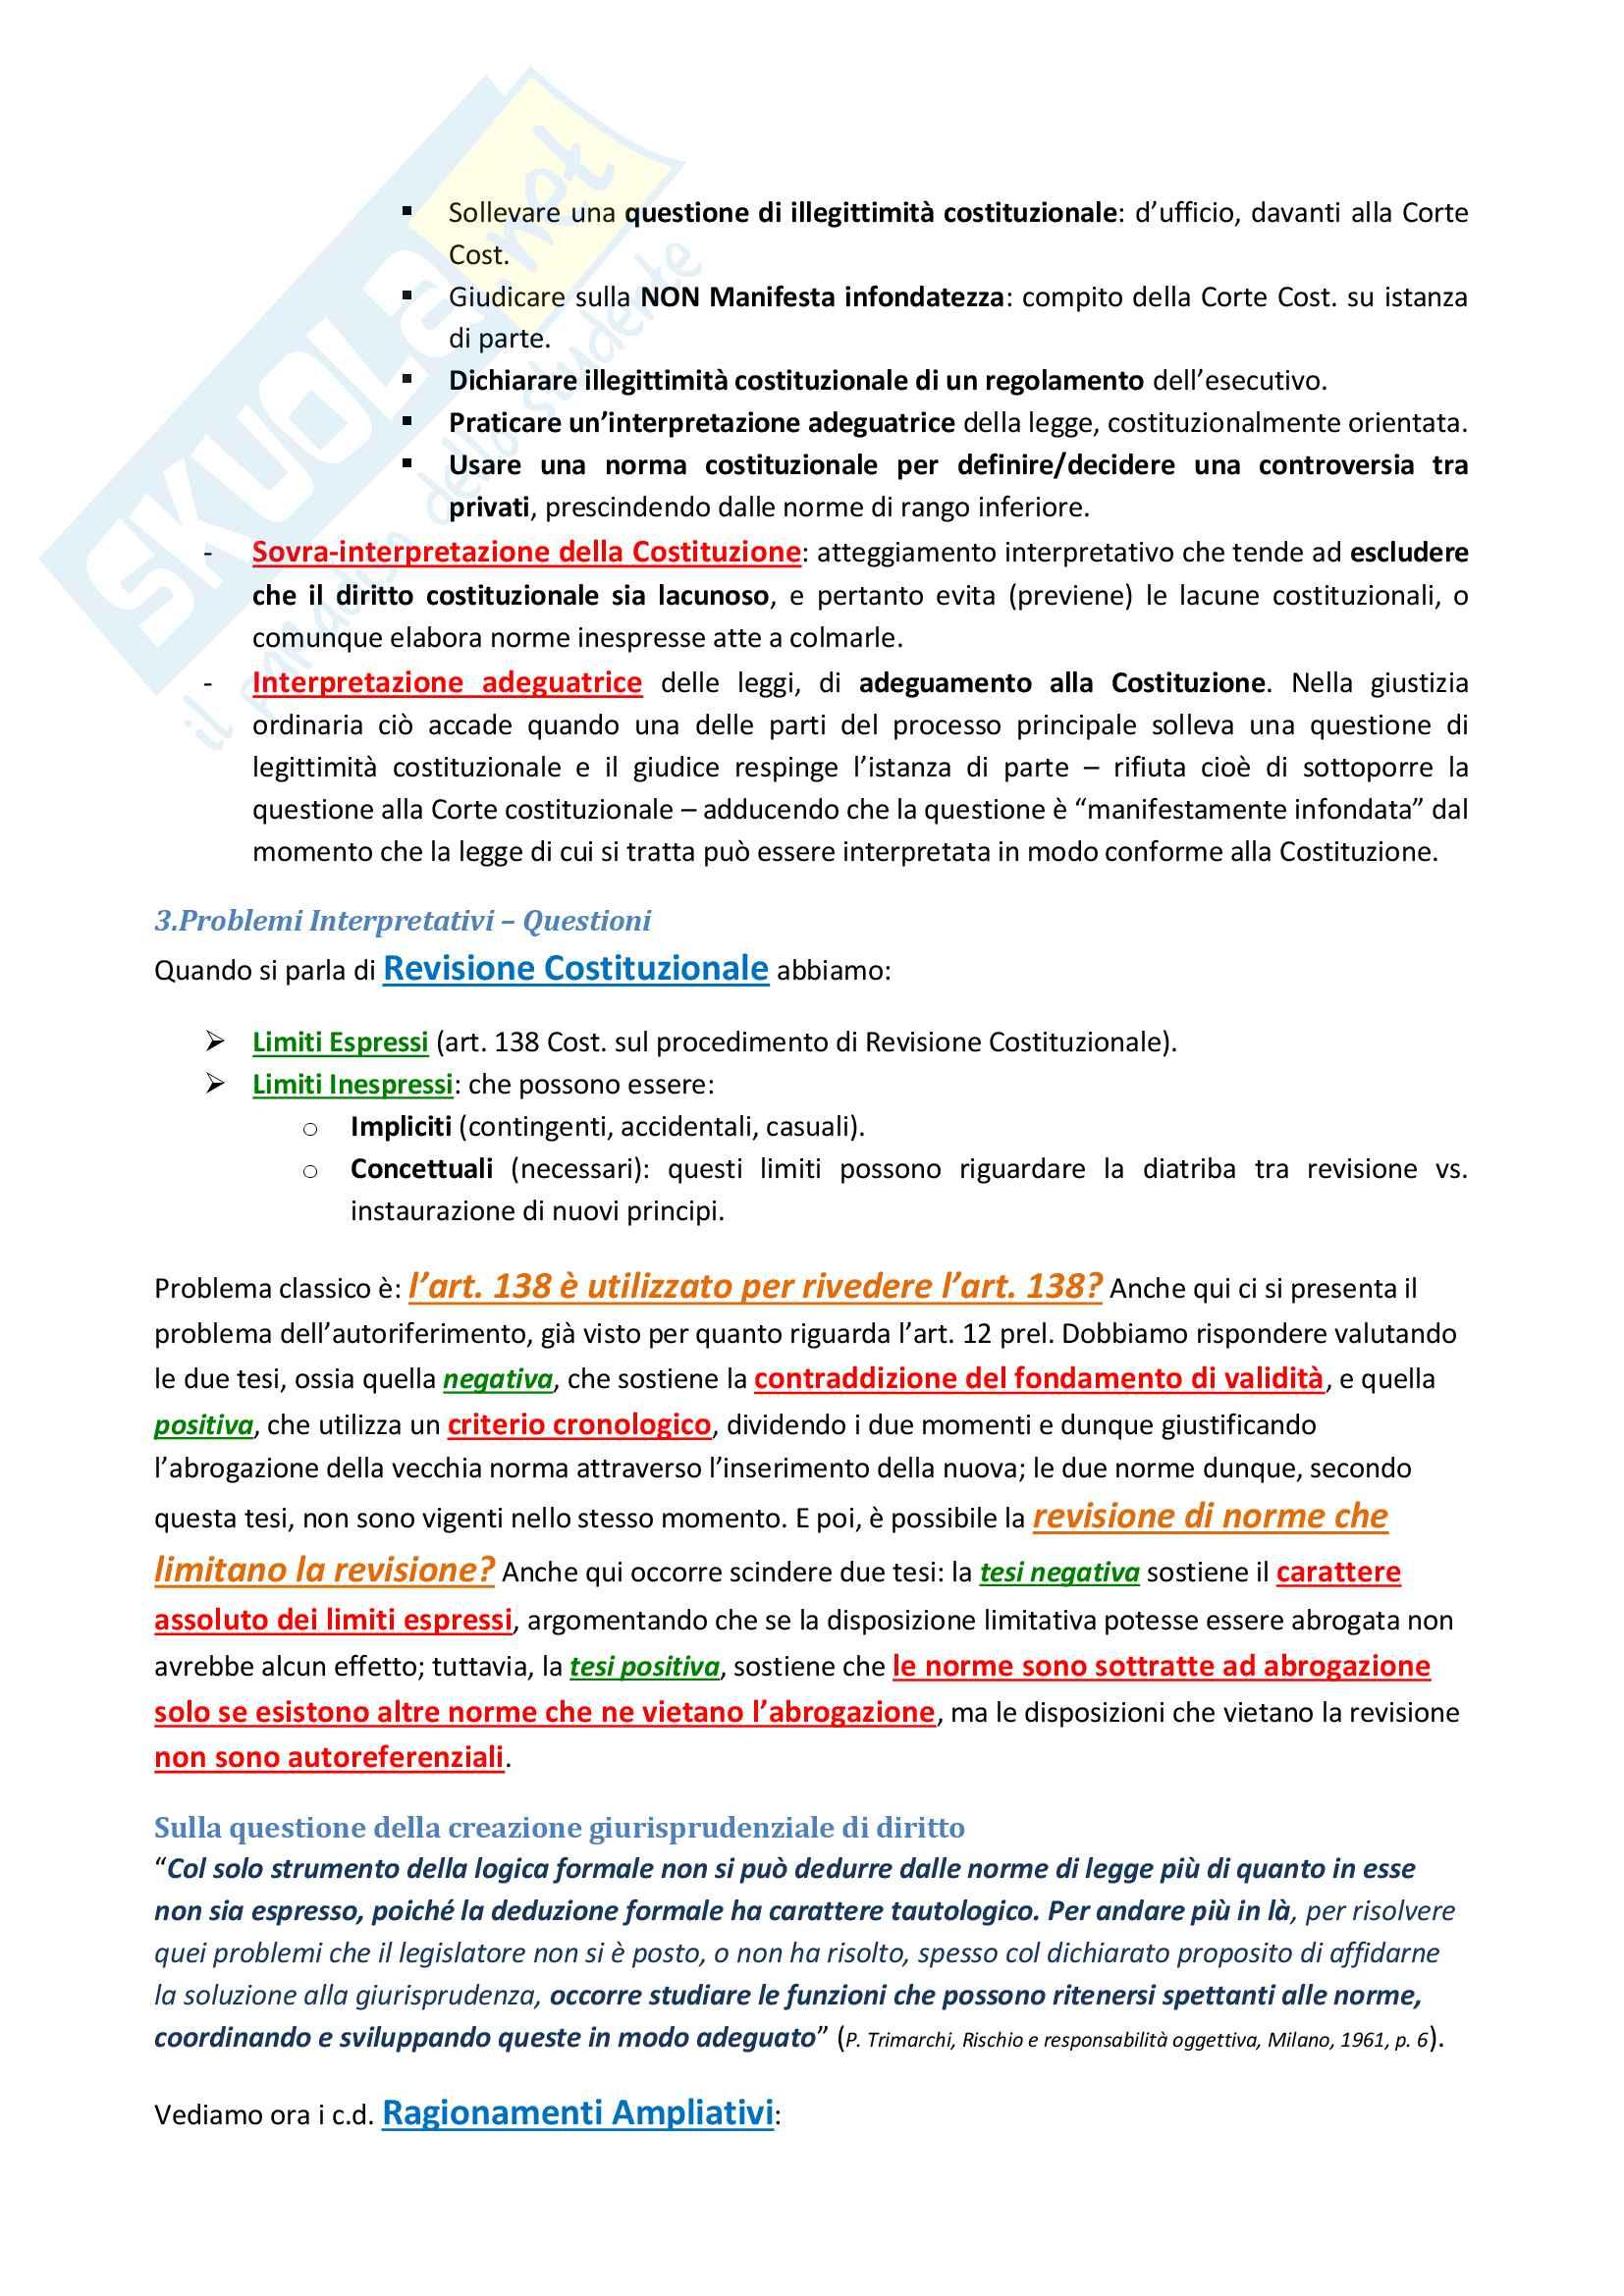 Appunti completi lezioni del Prof. Ratti di Tecniche dell'interpretazione e dell'argomentazione Pag. 21